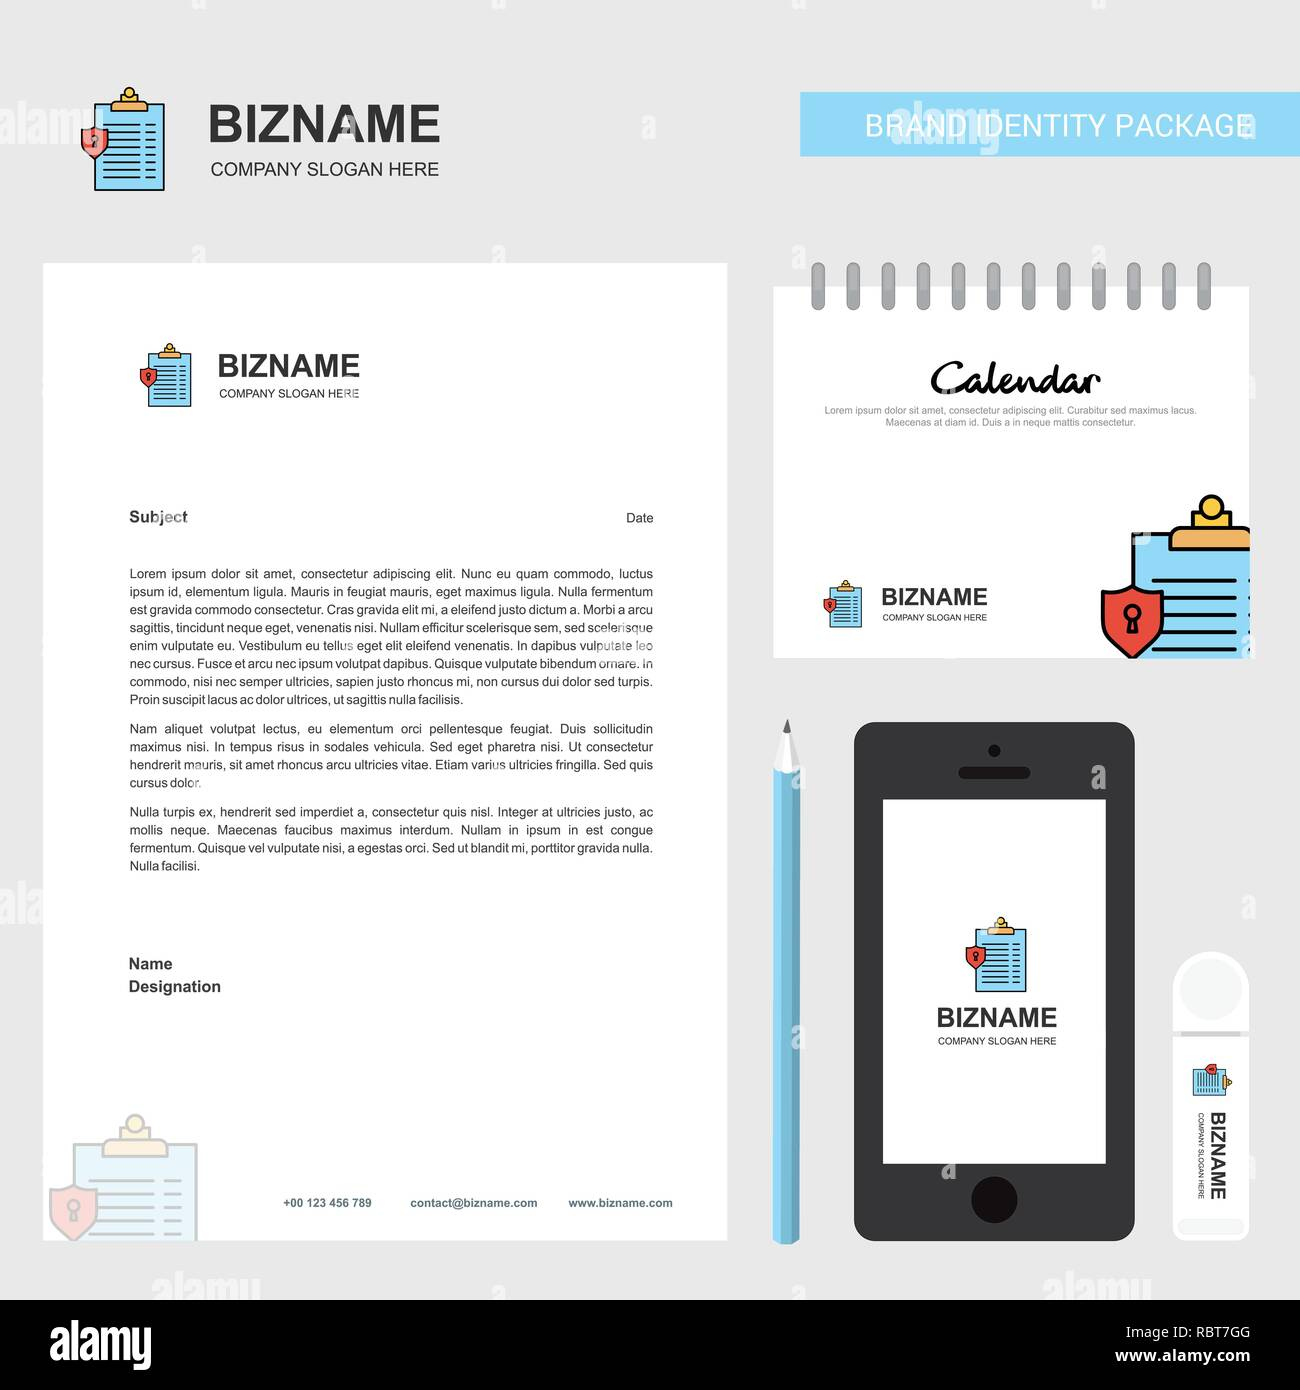 Calendario Per Appunti.Appunti Carta Intestata Aziendale Calendario 2019 E Mobile